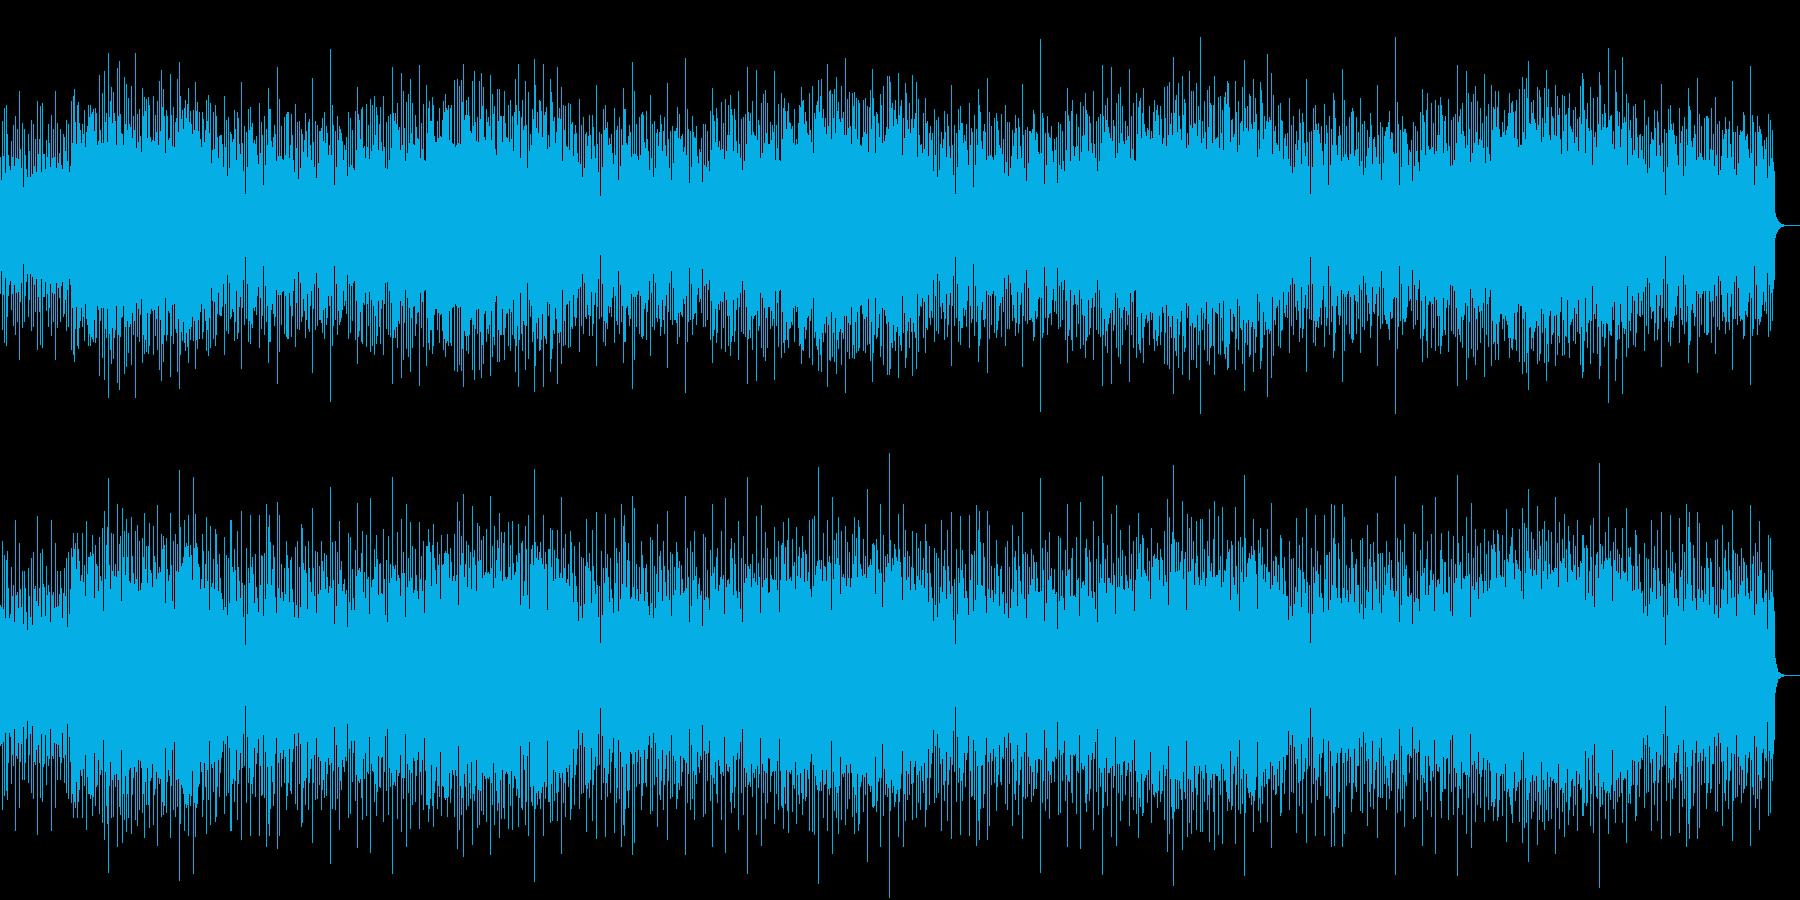 ビーチをイメージ、まったりしたチルアウトの再生済みの波形